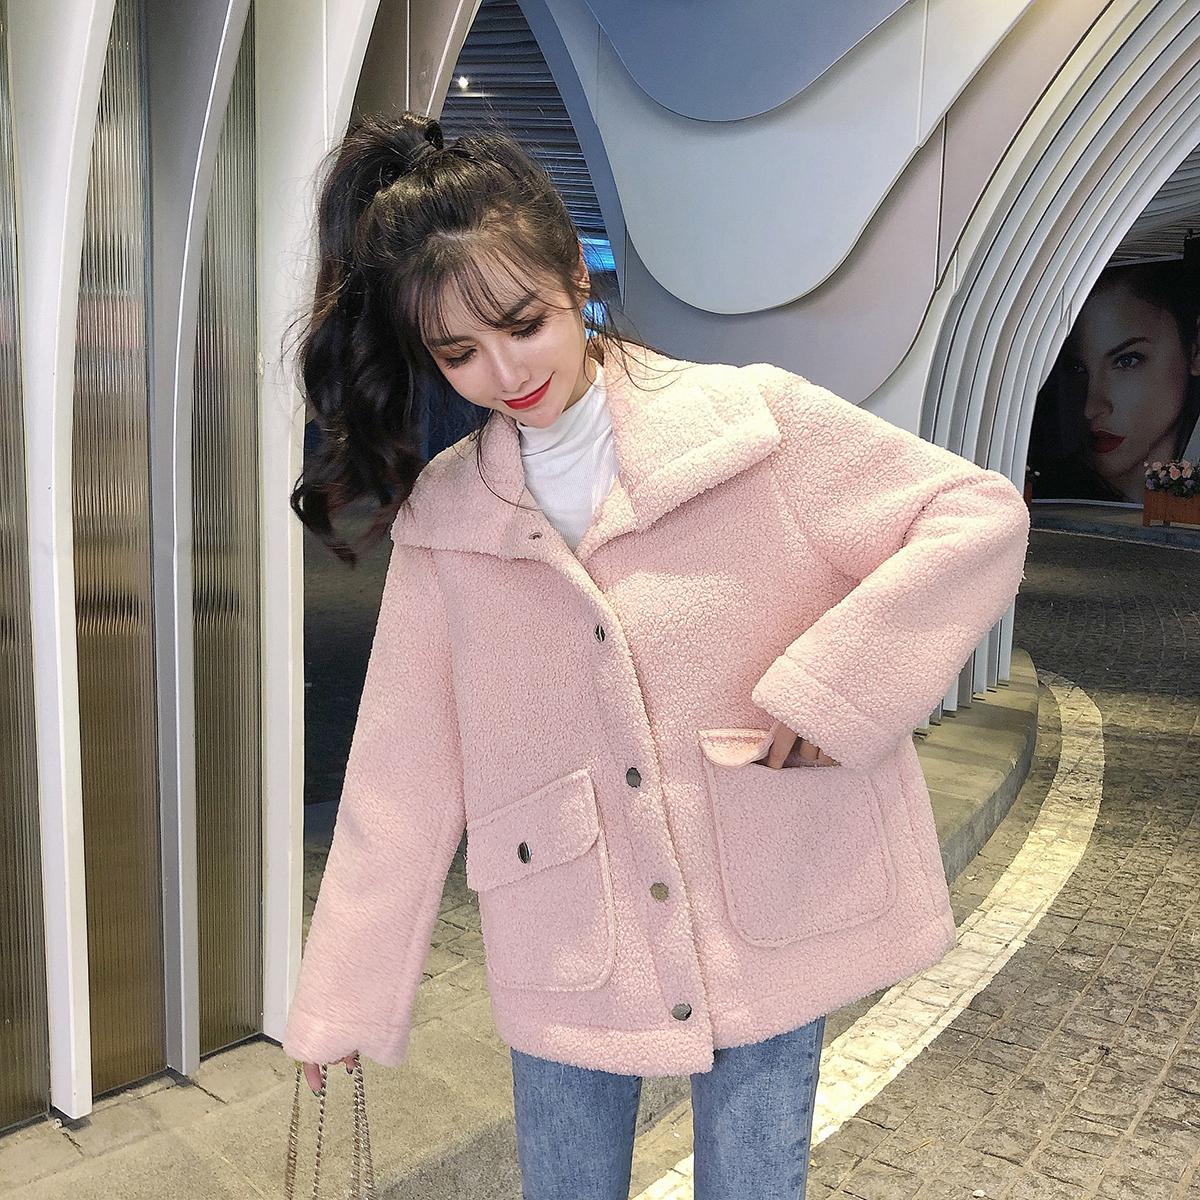 实拍现货新款羊毛外套女短款皮毛一体羊剪绒仿皮草外套开衫秋冬 -